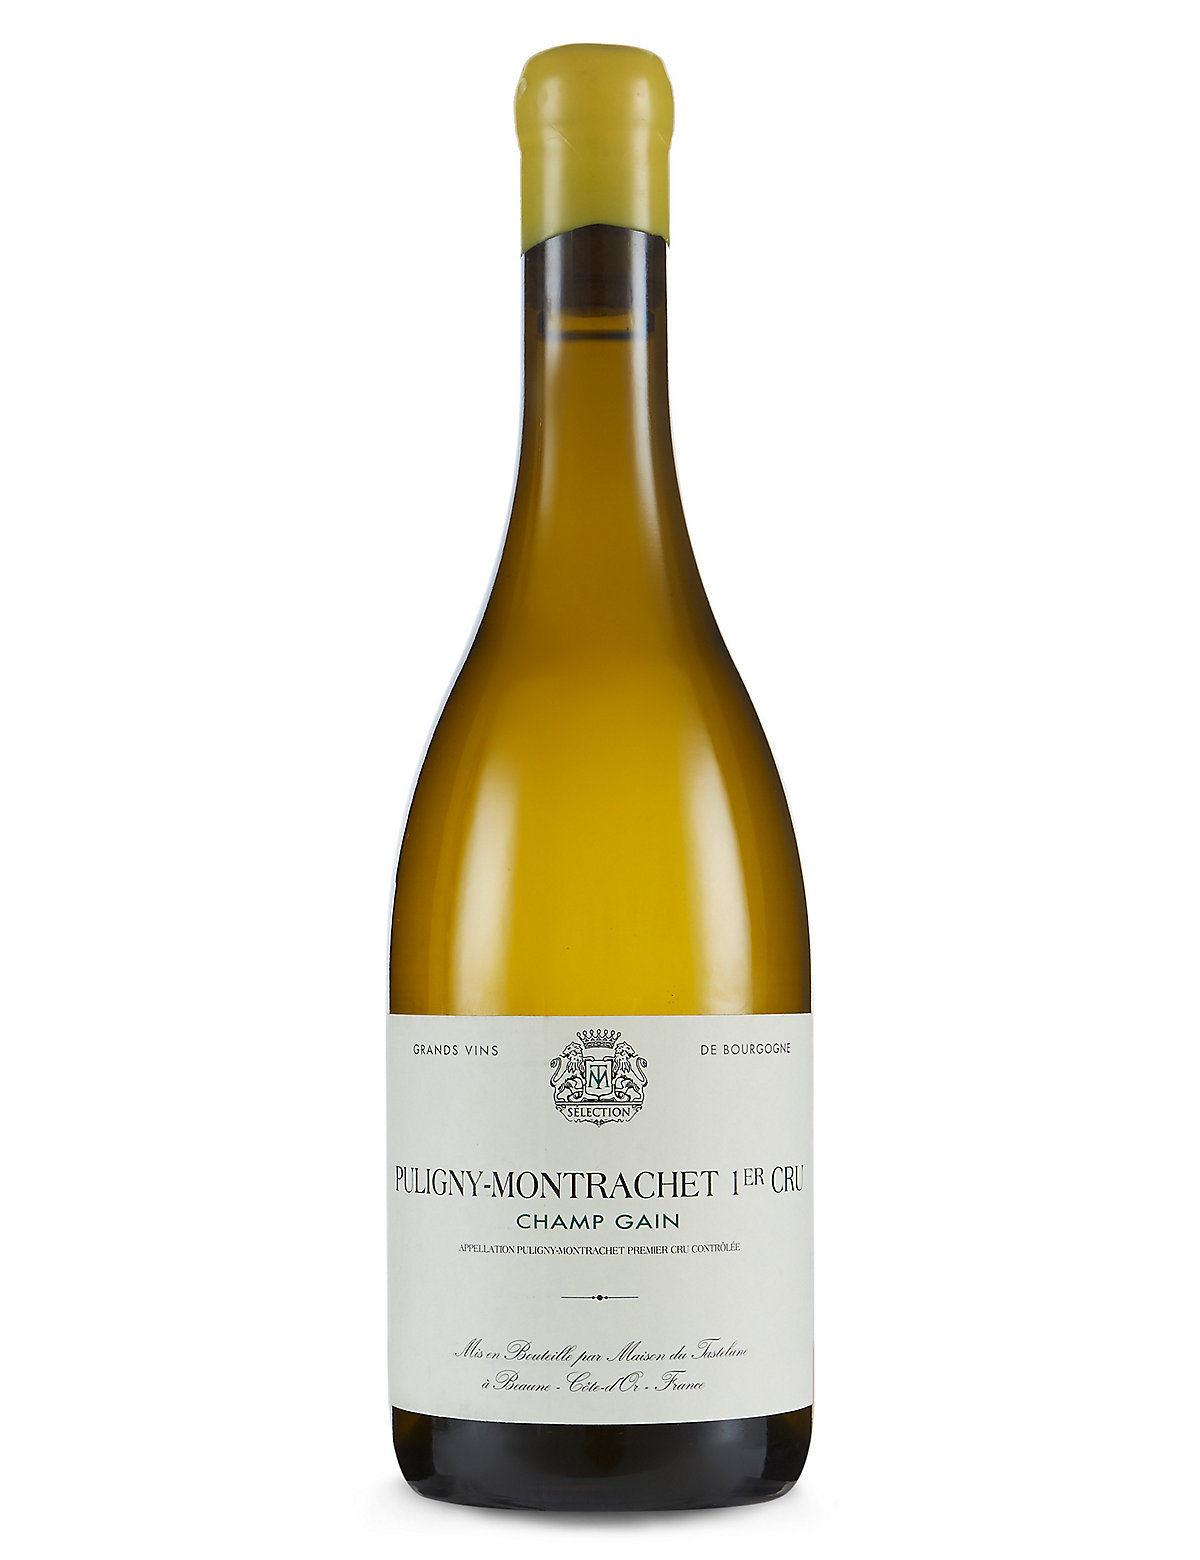 Puligny Montrachet 1er Cru Les Champs Gain - Single Bottle